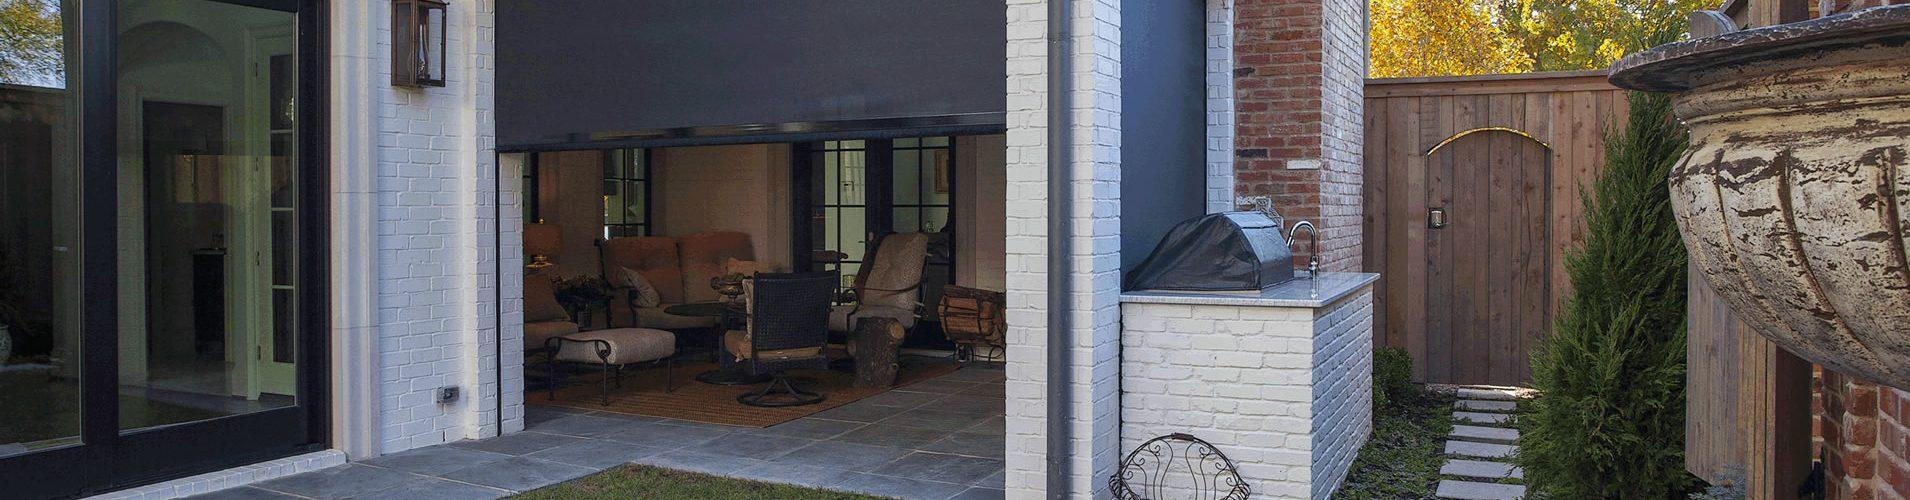 dallas motorized patio screens porch